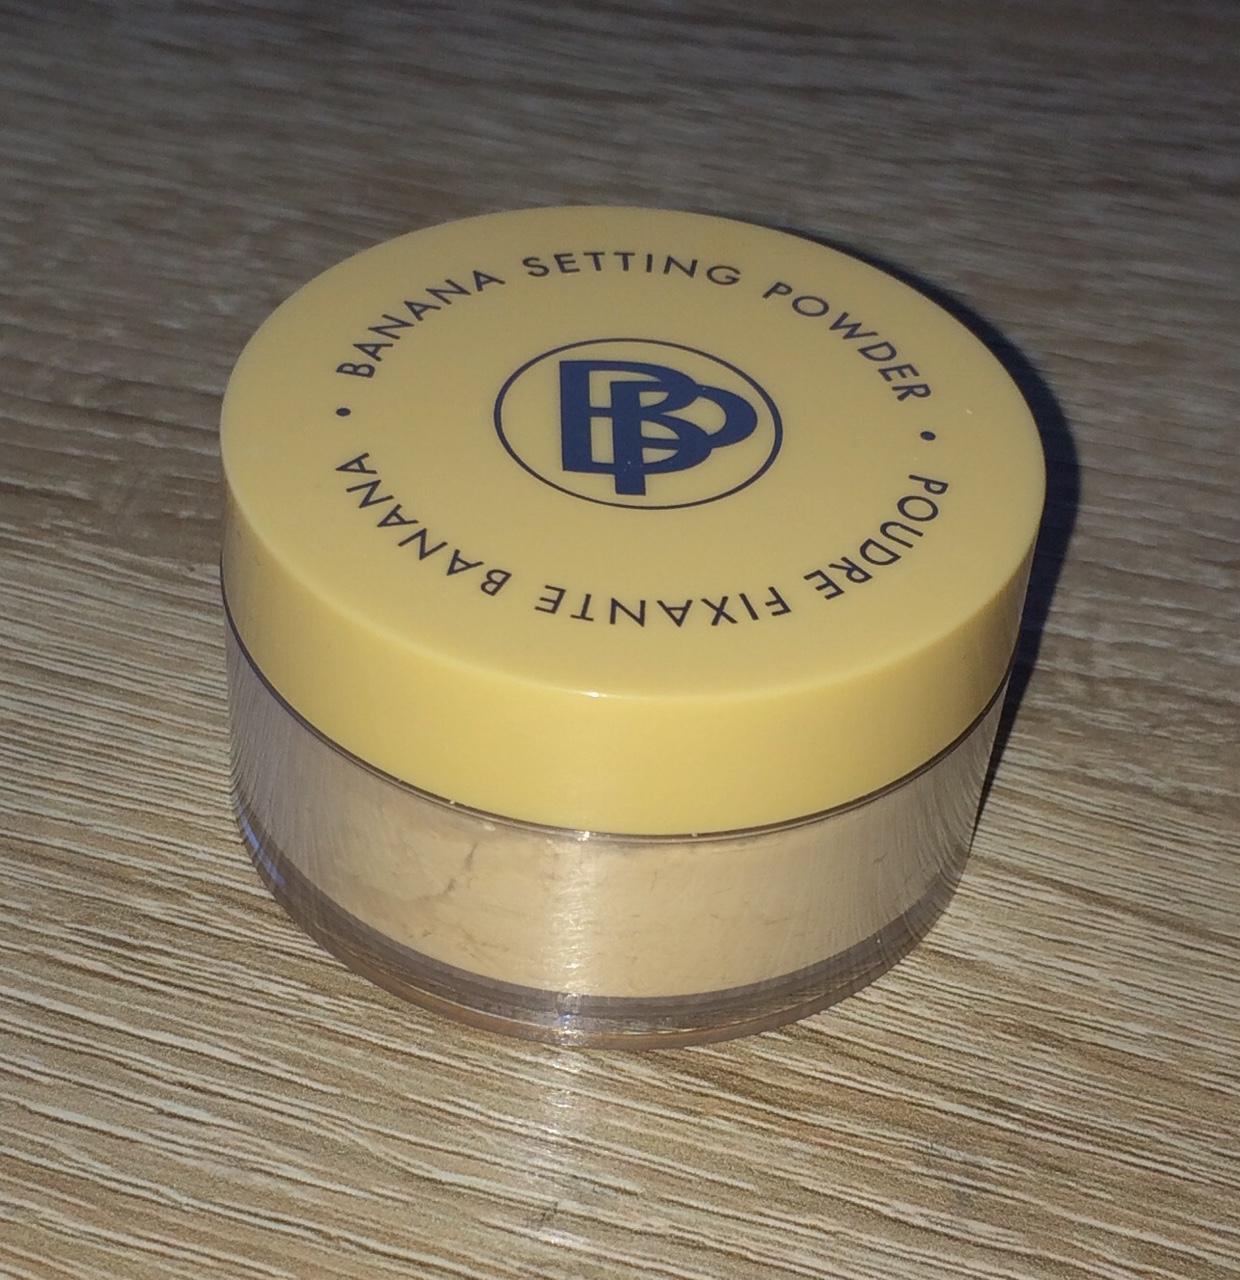 Bellapierre - Banana setting powder - Obrázok č. 1